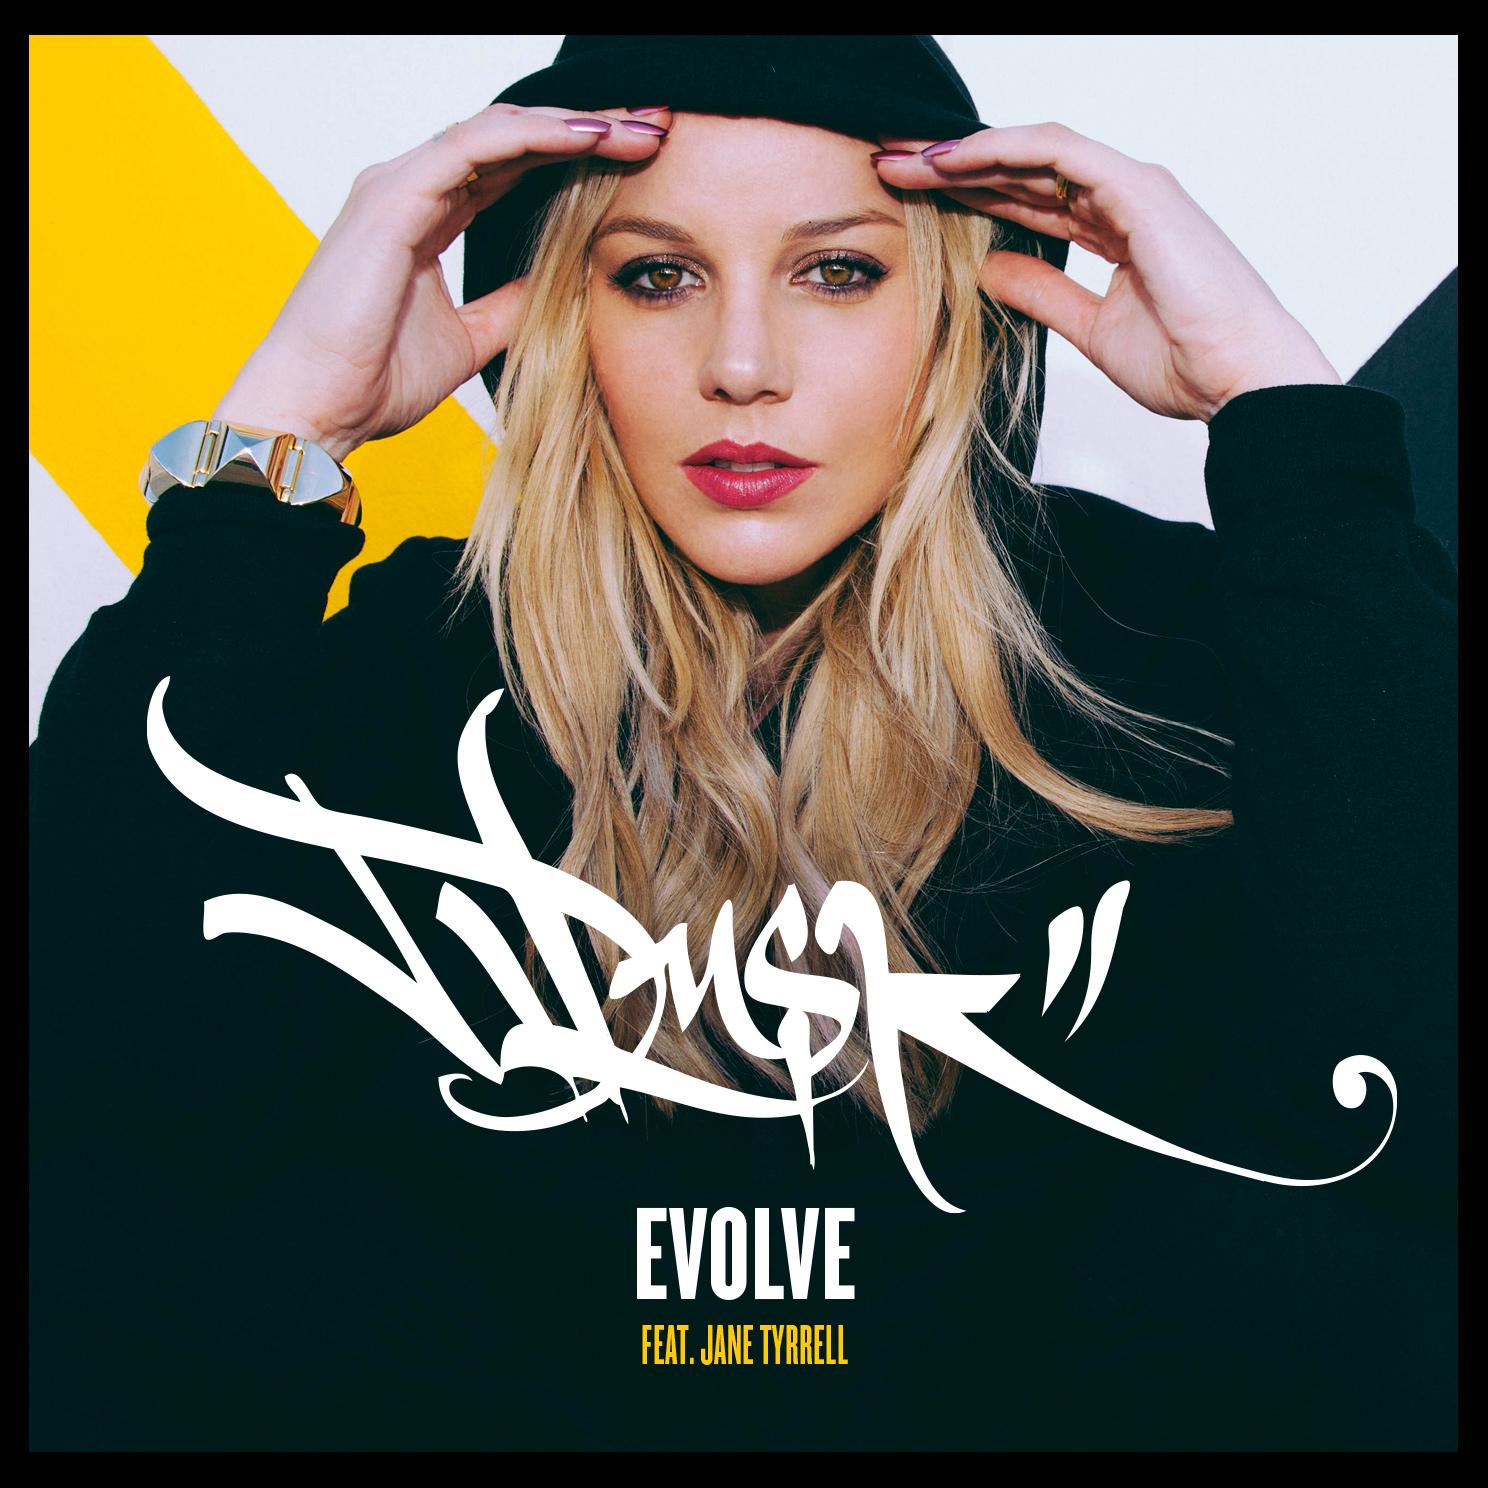 DUSK-EVOLVE-Cover2